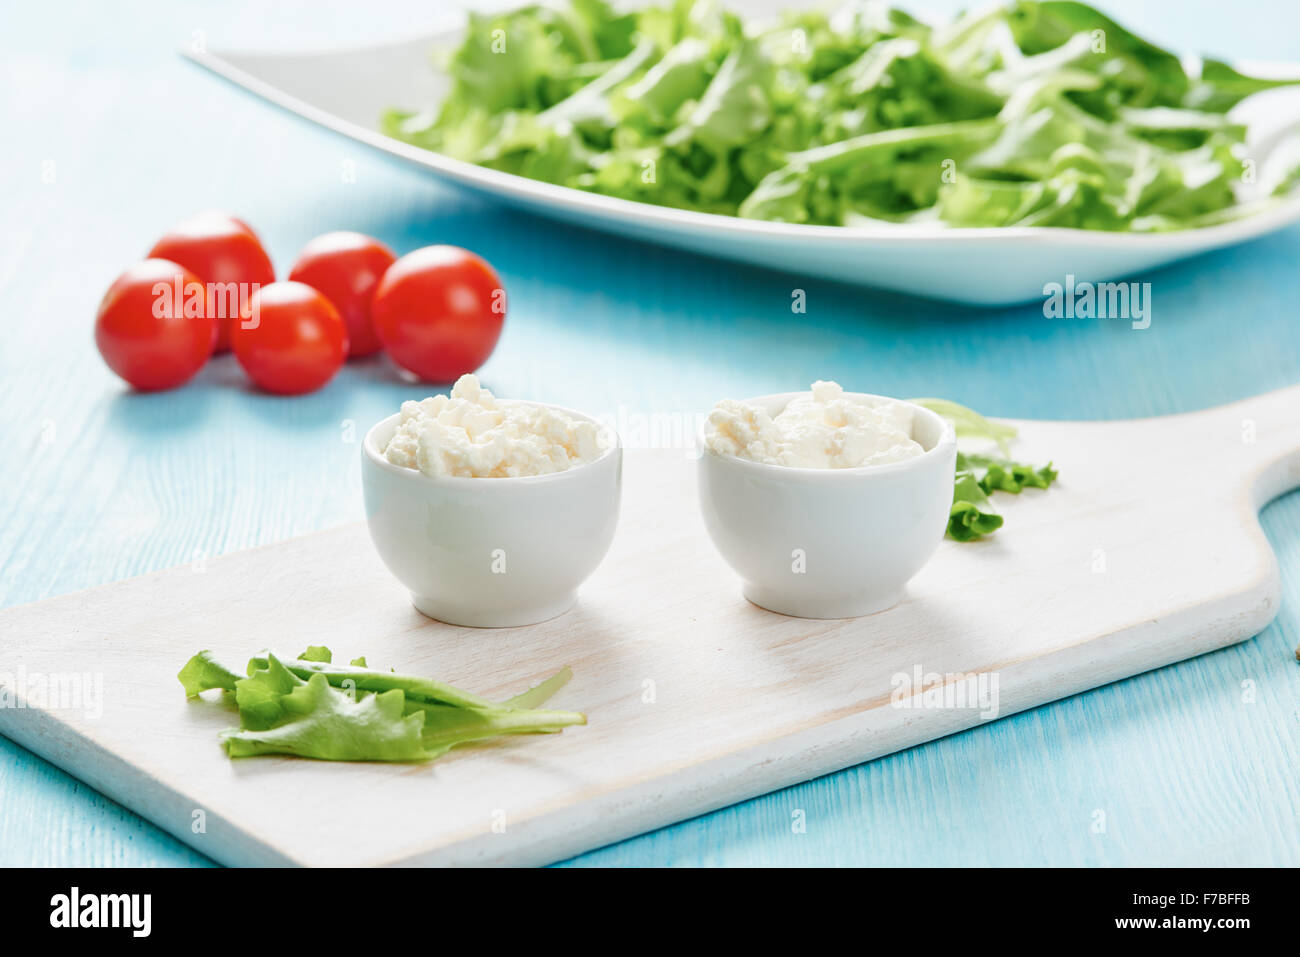 Le fromage cottage dans deux bols blanc sur bleu table en bois, salade et tomate Photo Stock